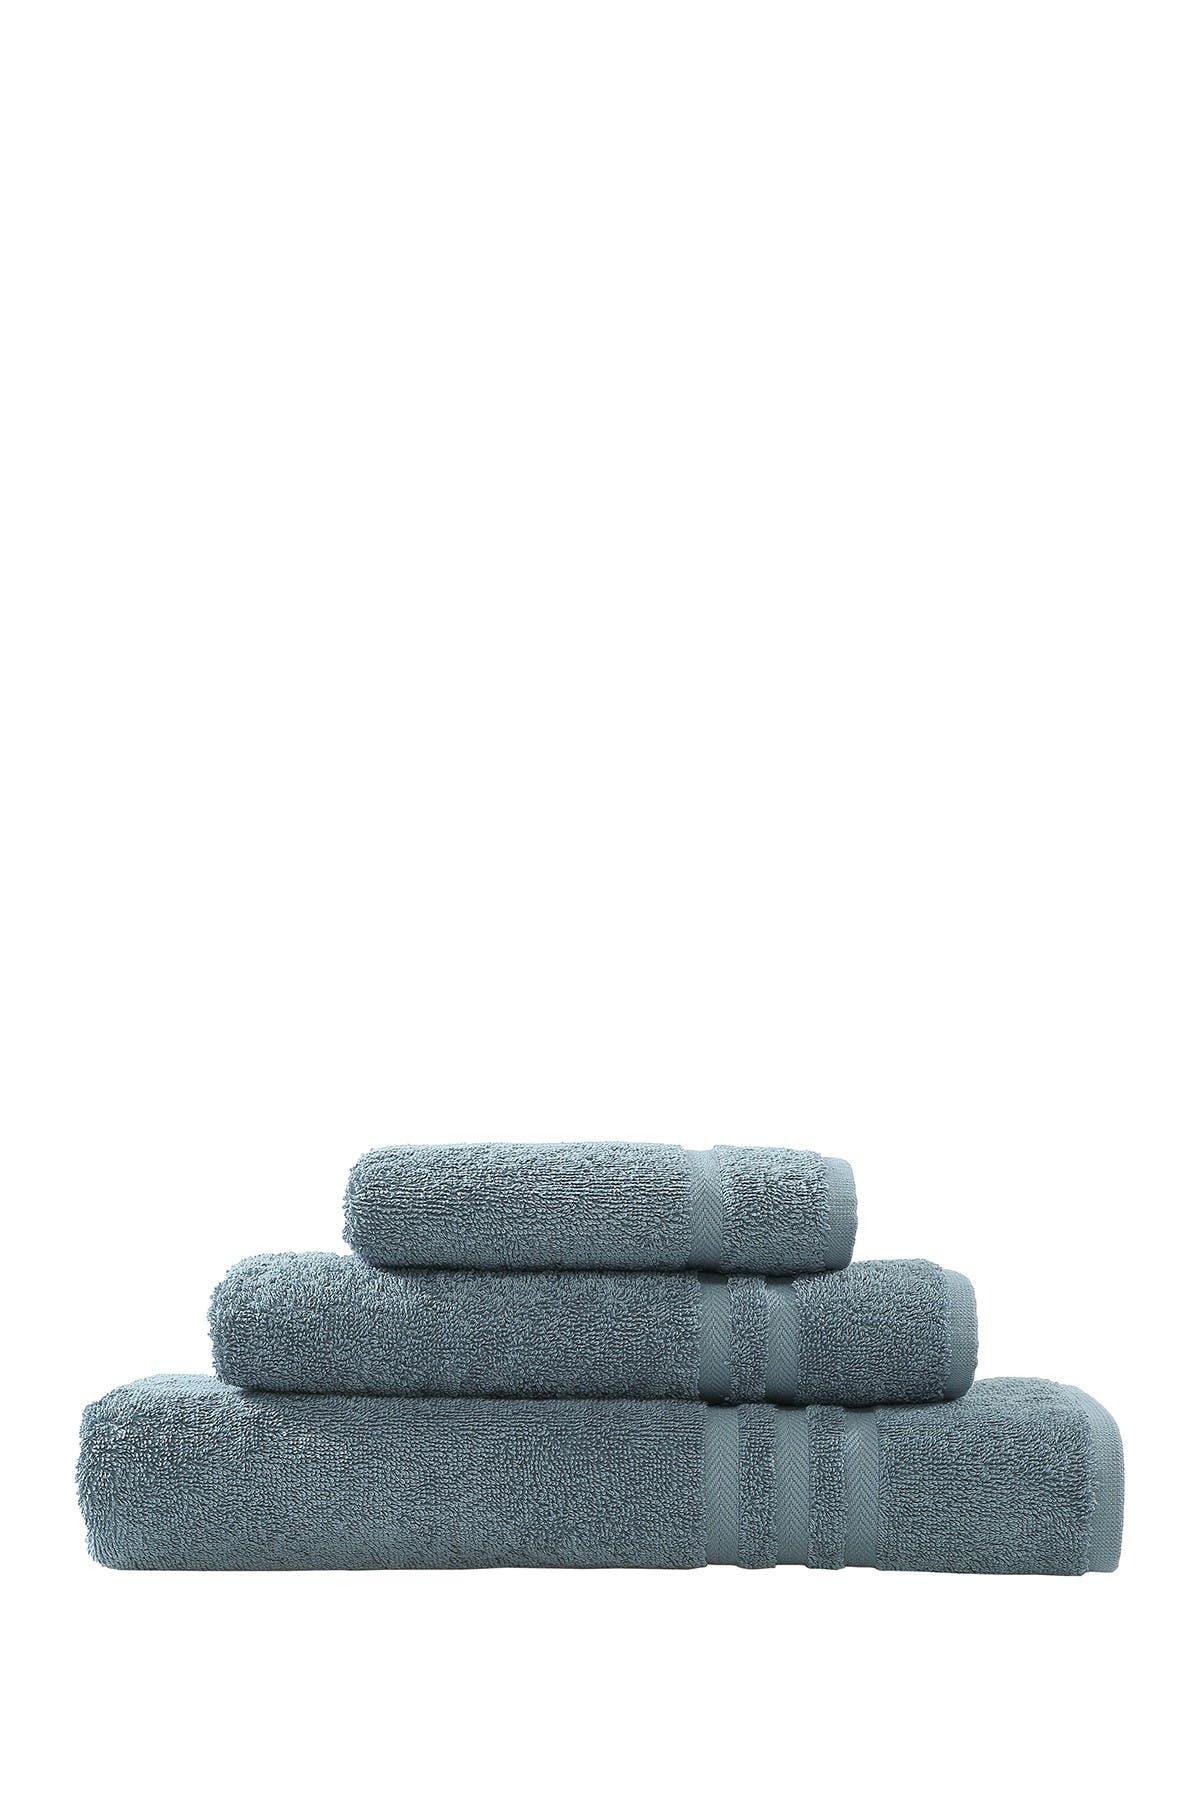 Image of LINUM HOME Denzi 3-Piece Towel Set - Denzi Blue